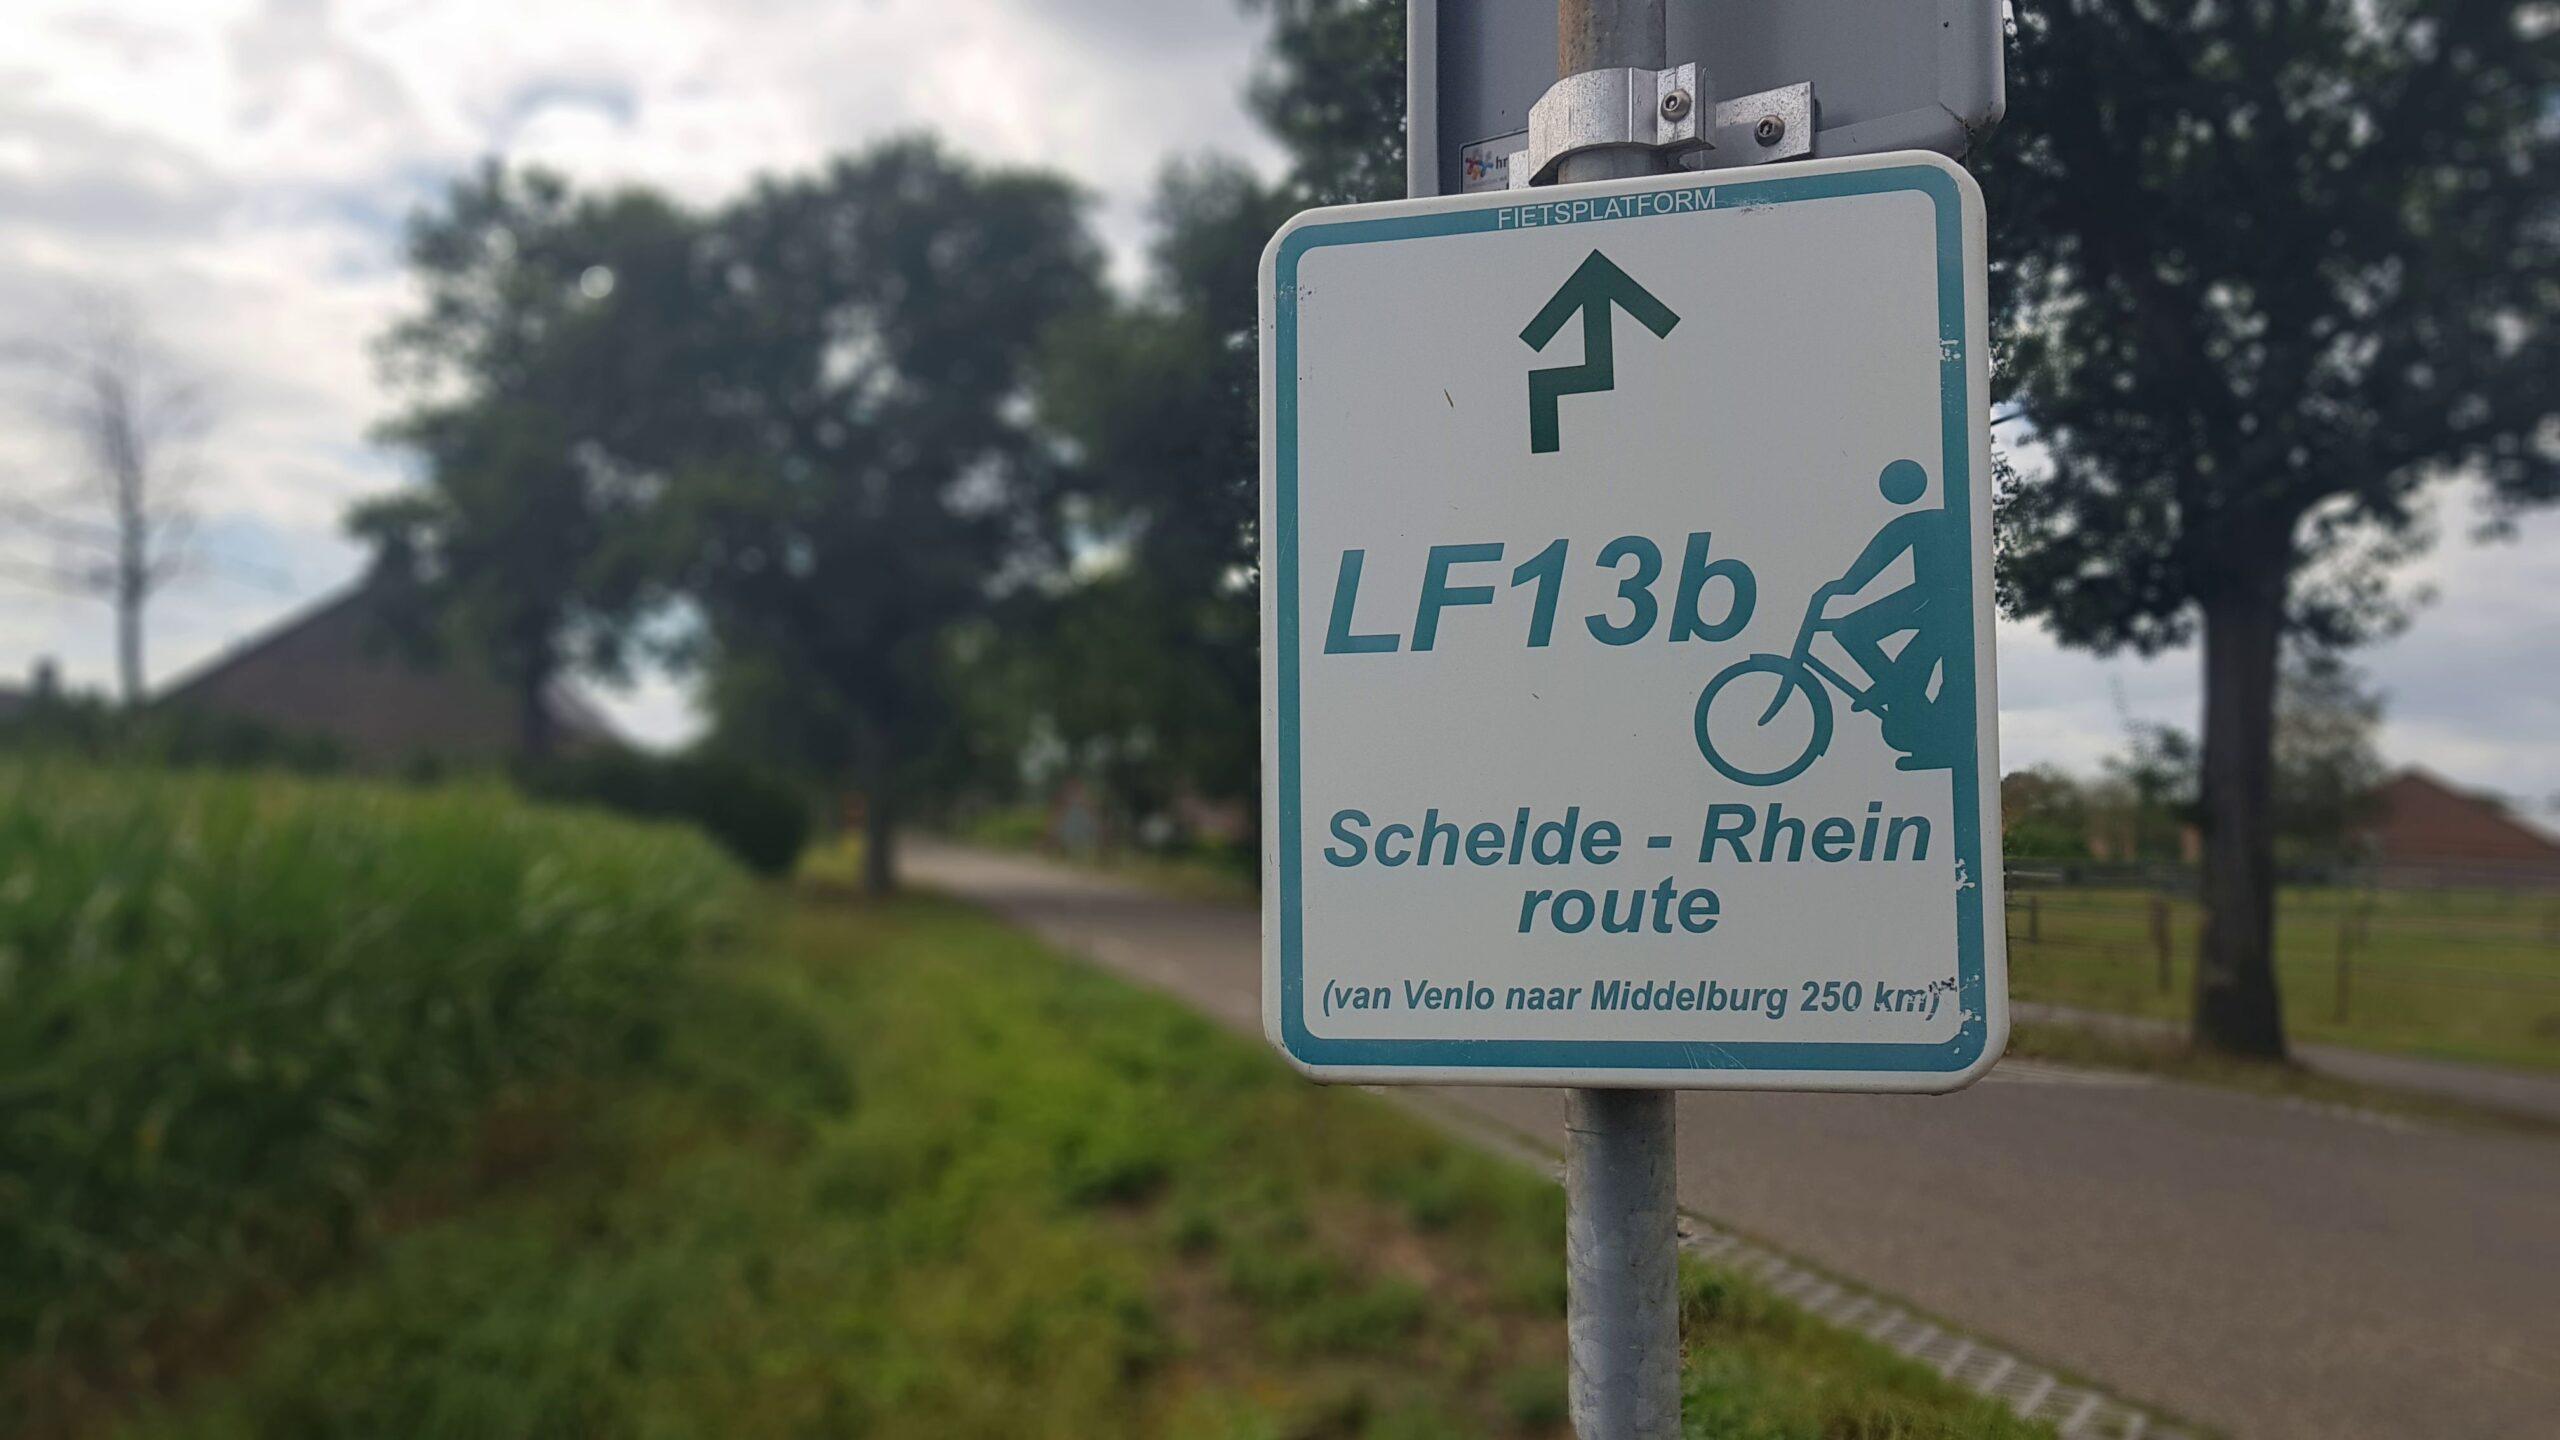 Ronde-van-Nederland-op-de-fiets-LF13b